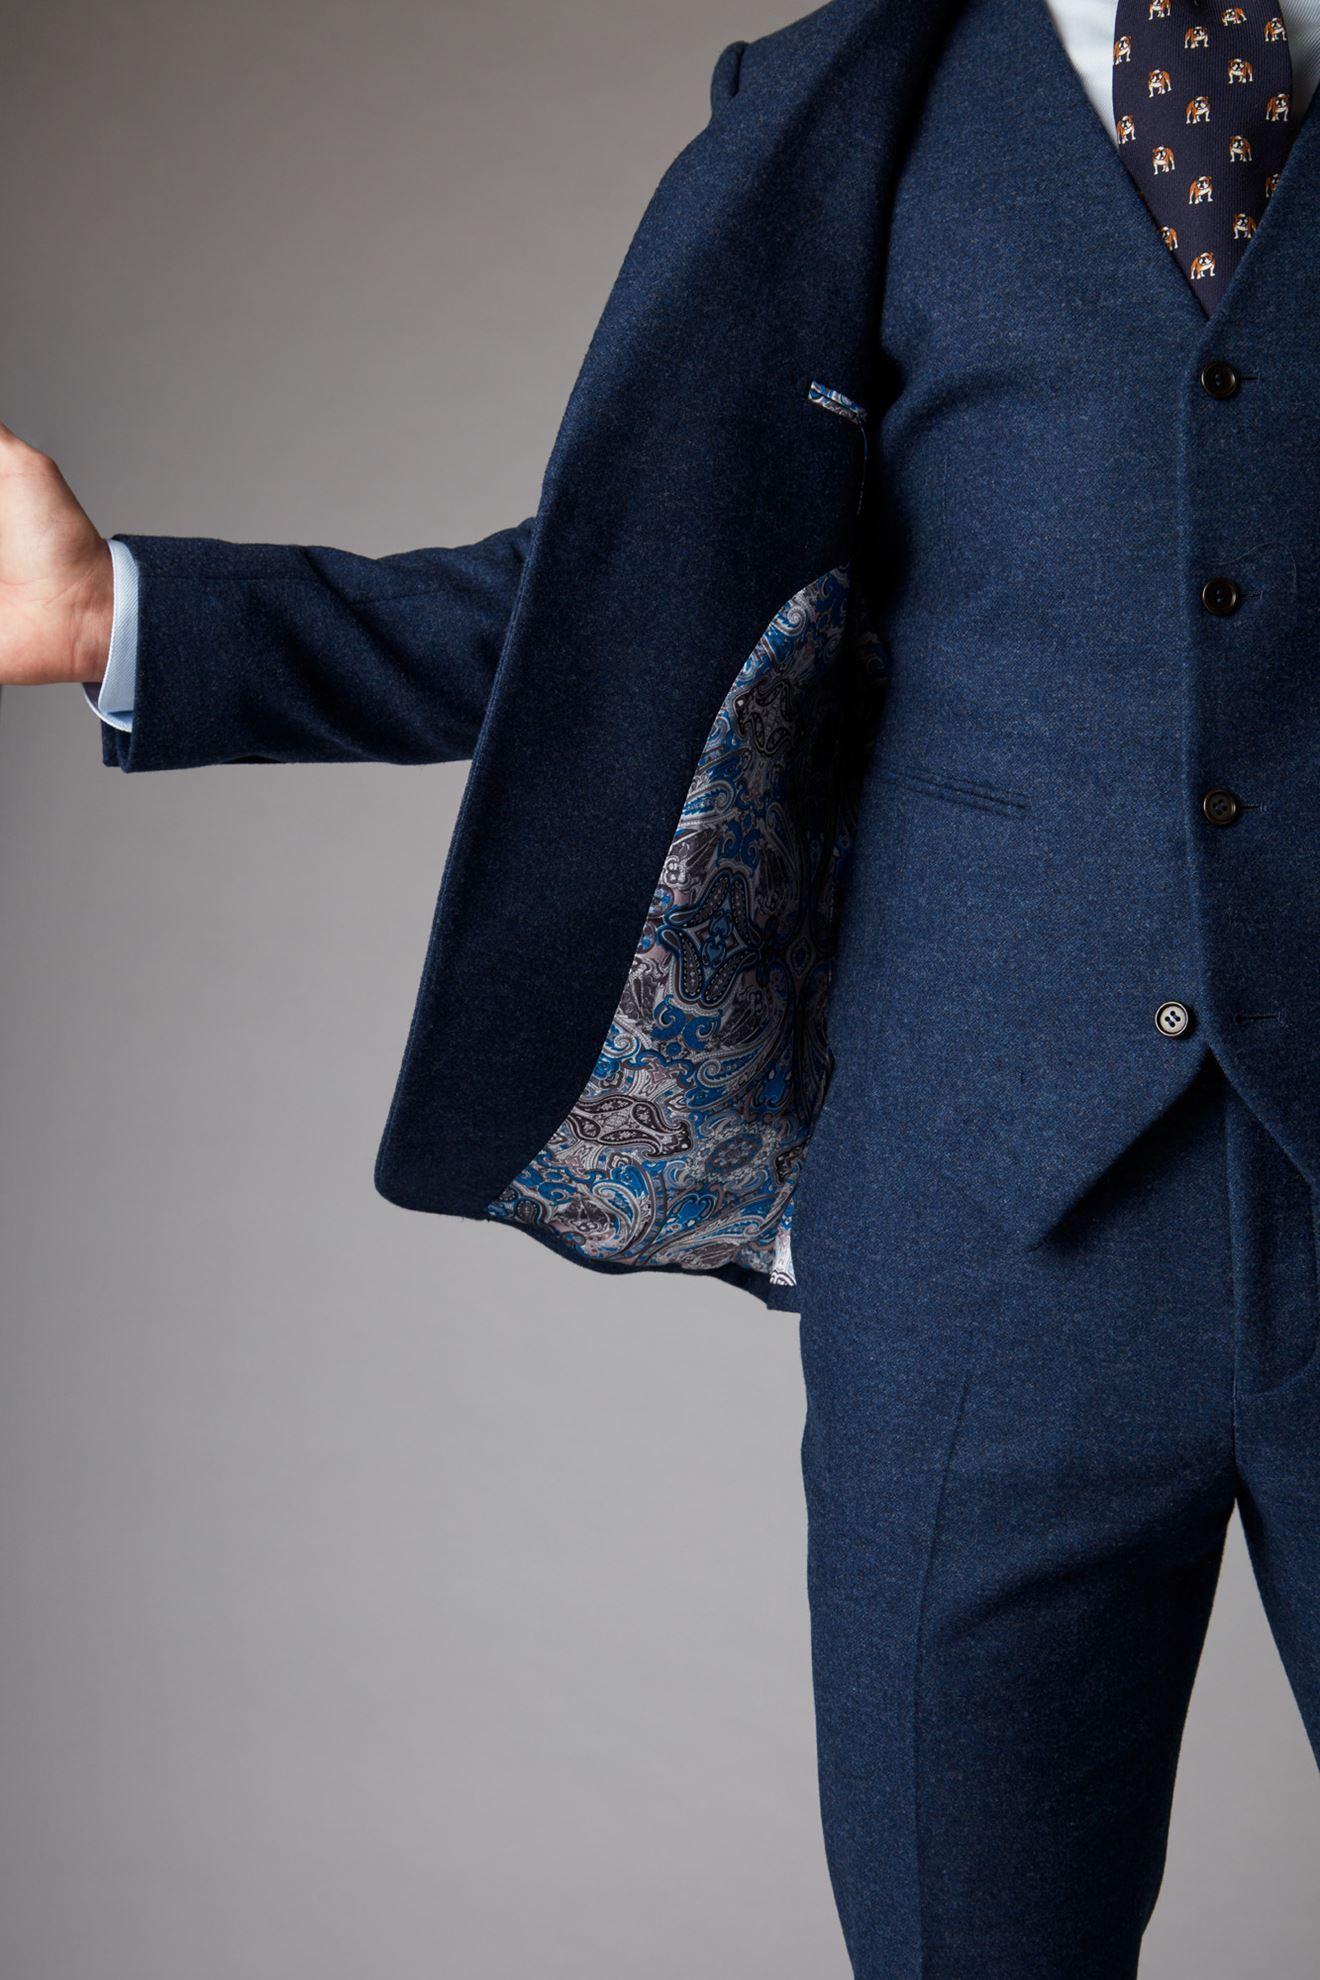 Blue Jacket Inner Lining